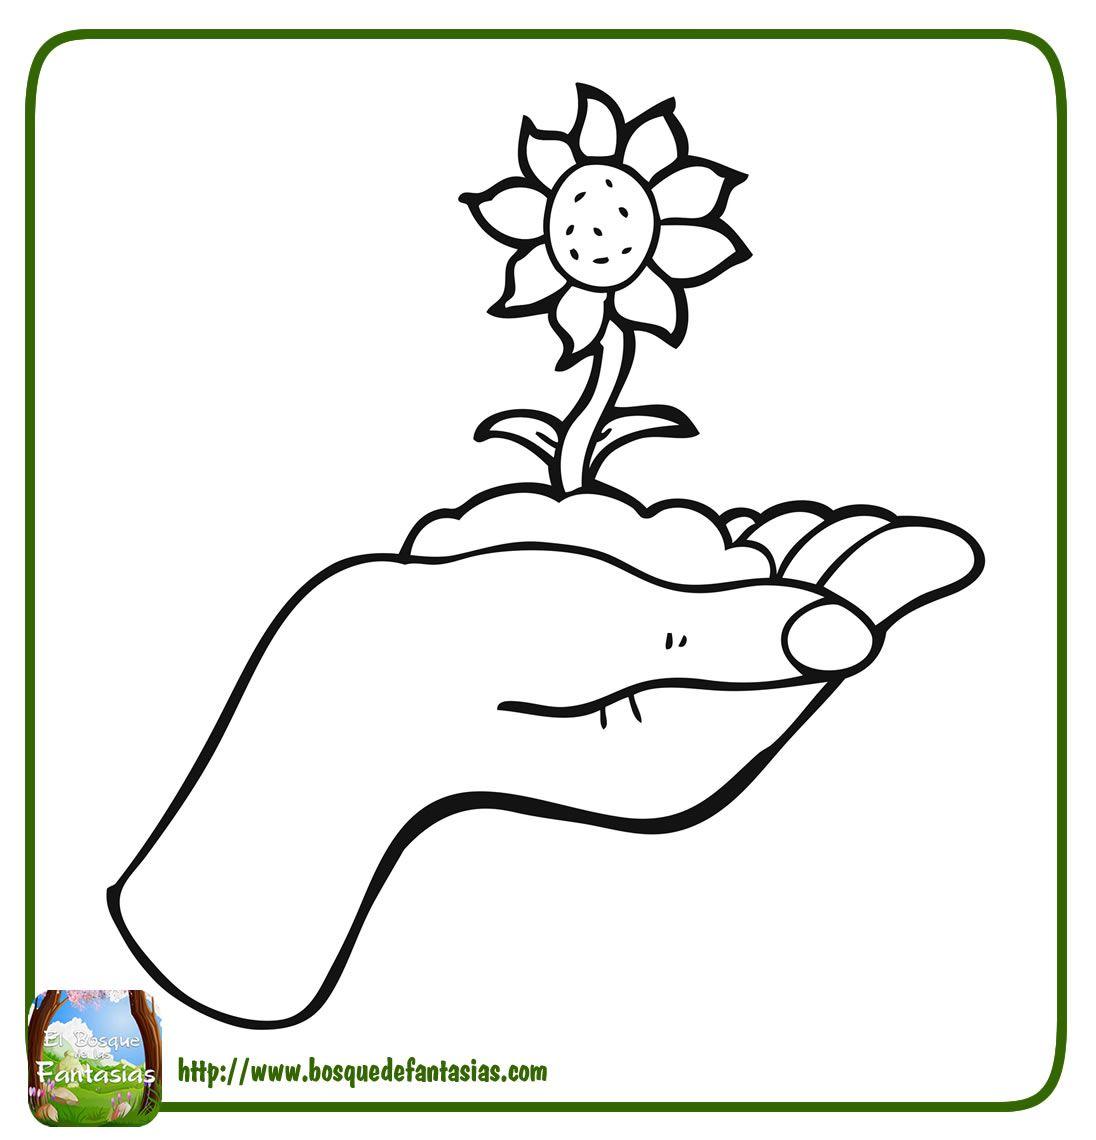 Dibujos De La Primavera Faciles Dibujos Mejores Amigas Dibujo Dibujos Faciles